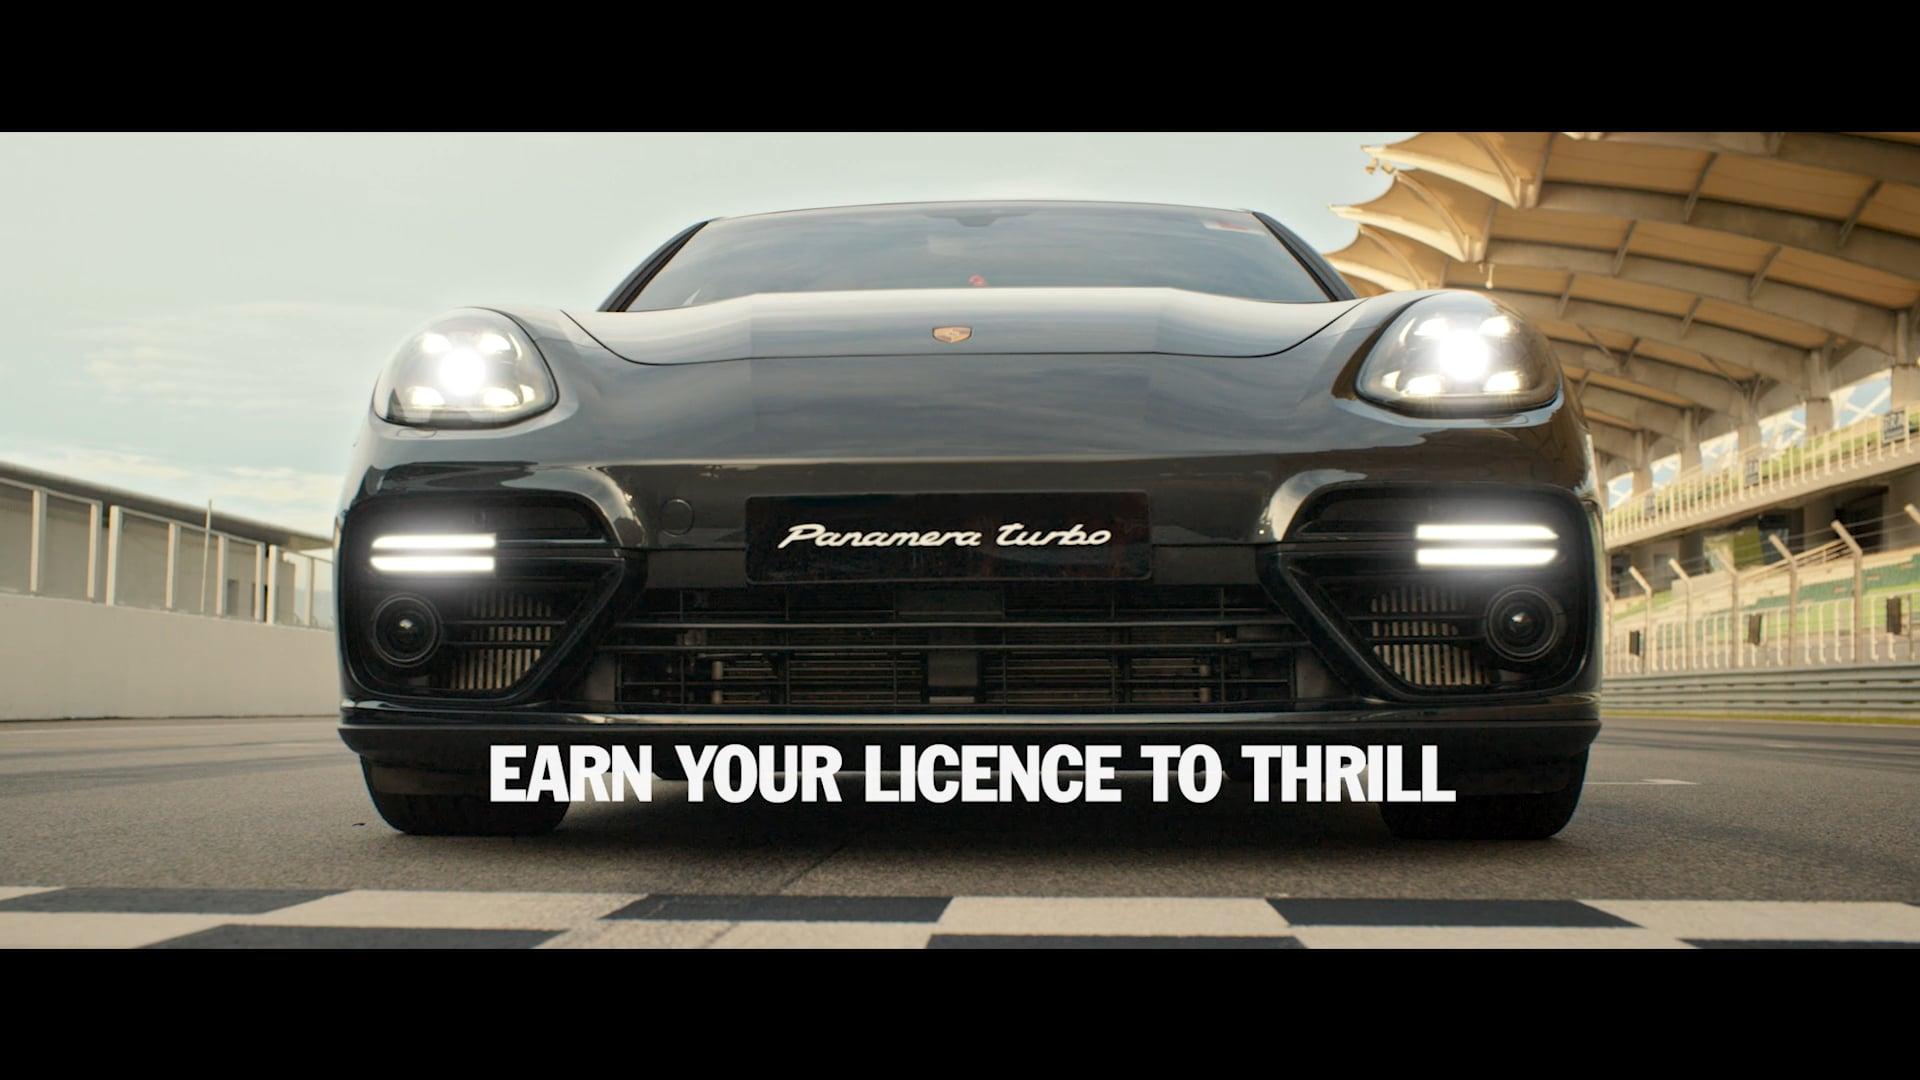 Porsche LTT Panamera